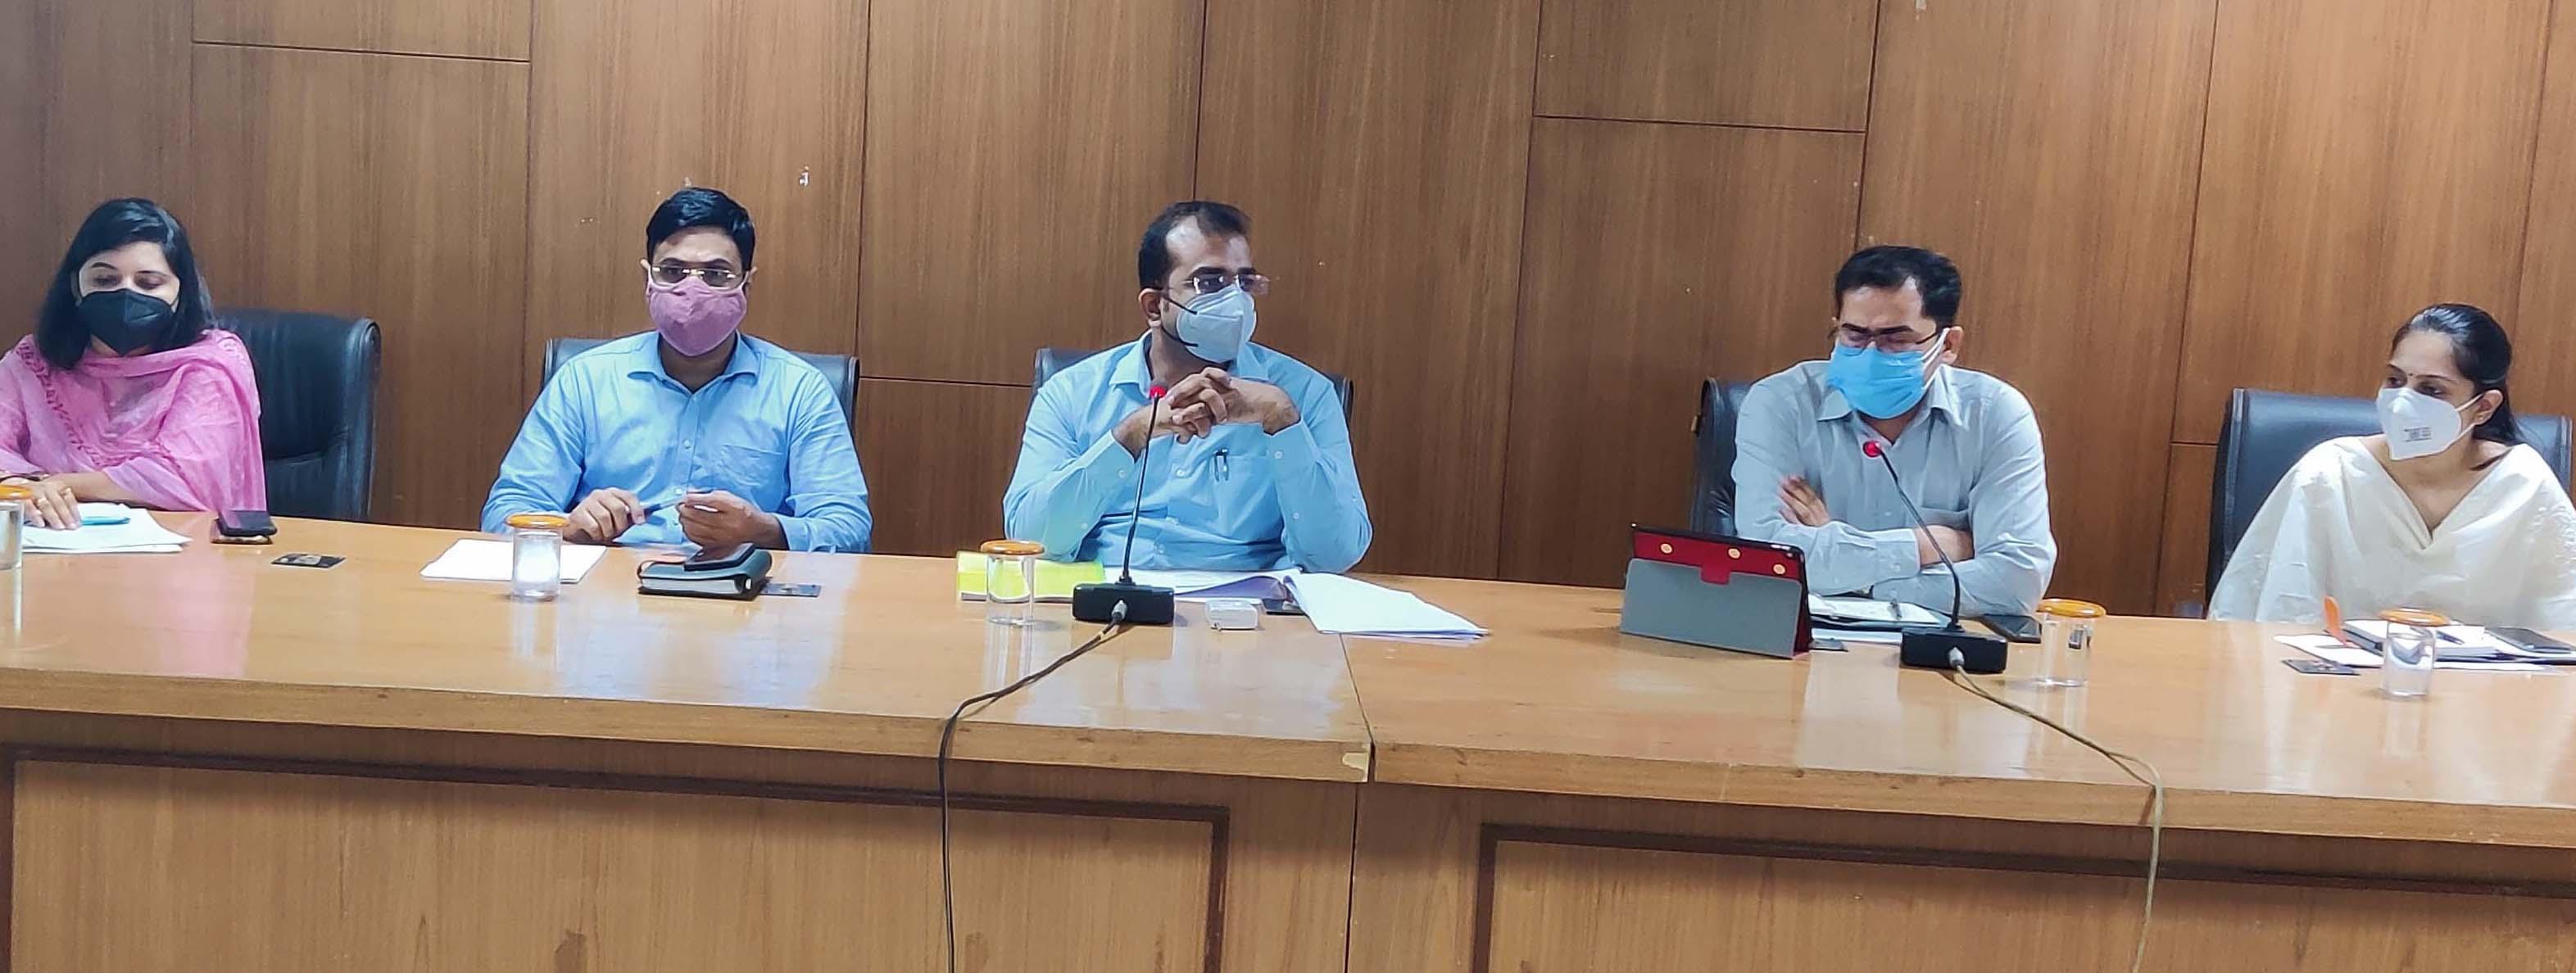 राइट टू सर्विस एक्ट को लेकर आयोजित बैठक। - Dainik Bhaskar